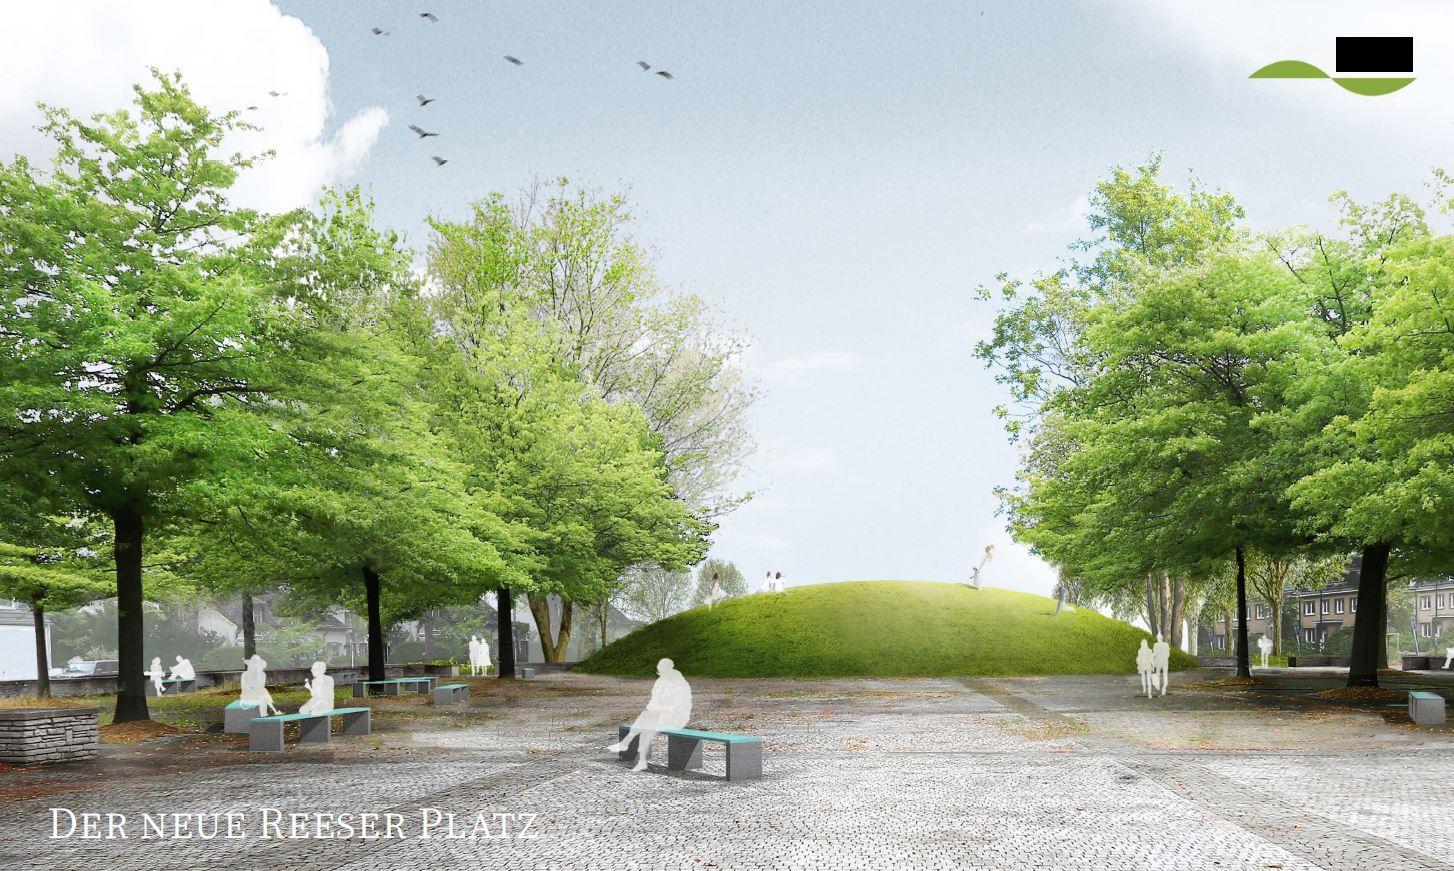 """2. Platz """"Der neue Reeser Platz"""" von Gabriele Horndasch, Düsseldorf mit Bierbaum.Aichele.landschaftsarchitekten (Foto: Gabriele Horndasch)"""